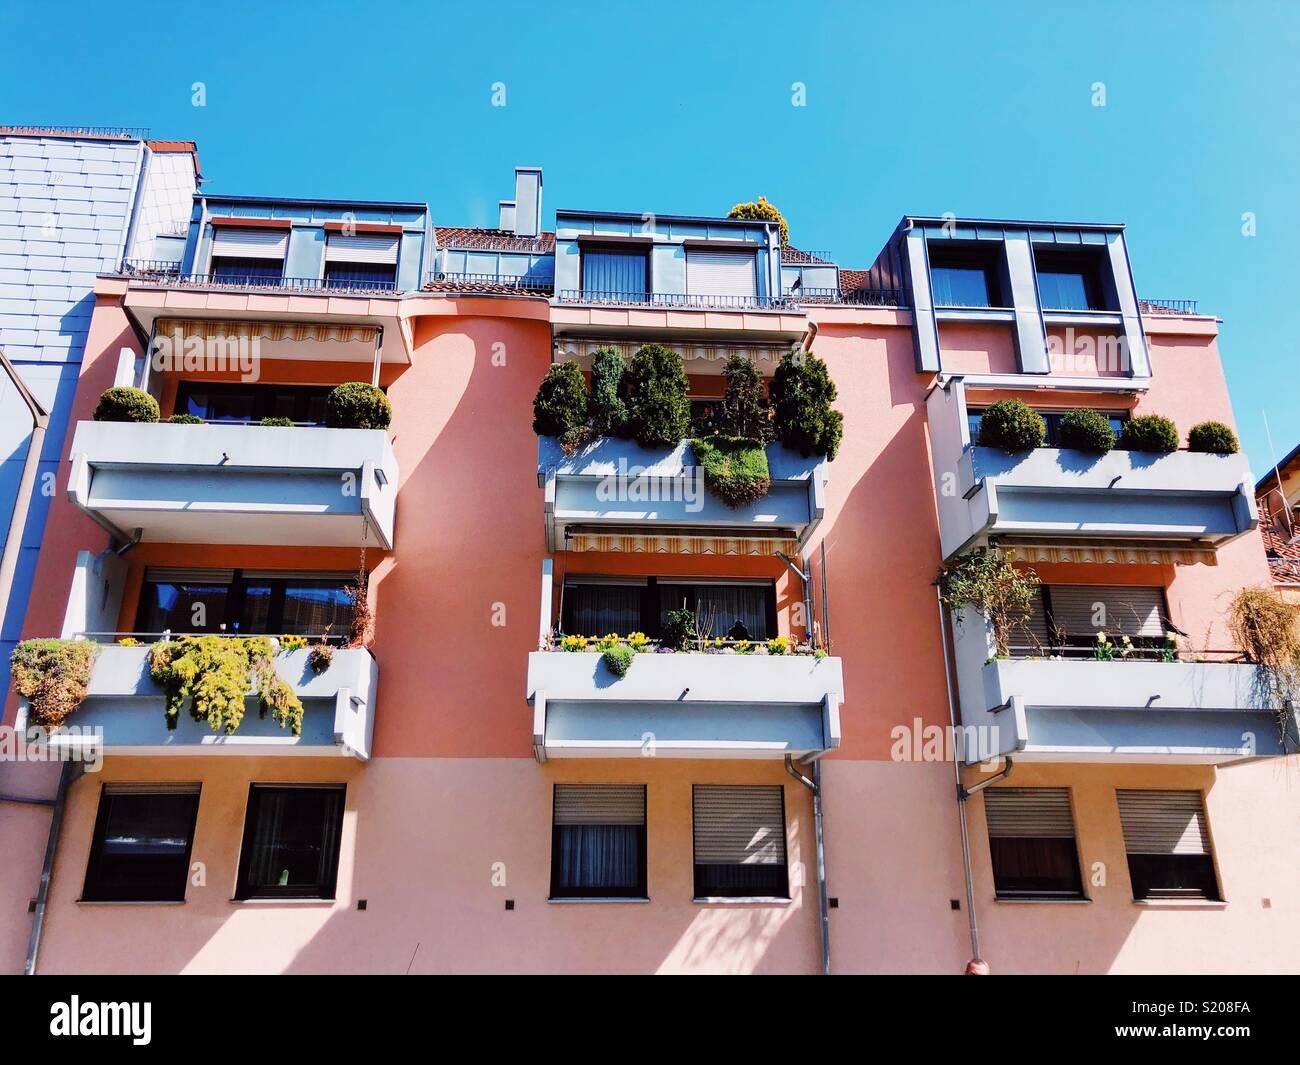 Frühling in der Stadt. Farbige Häuser mit Töpfen Grün auf dem Balkon Stockbild